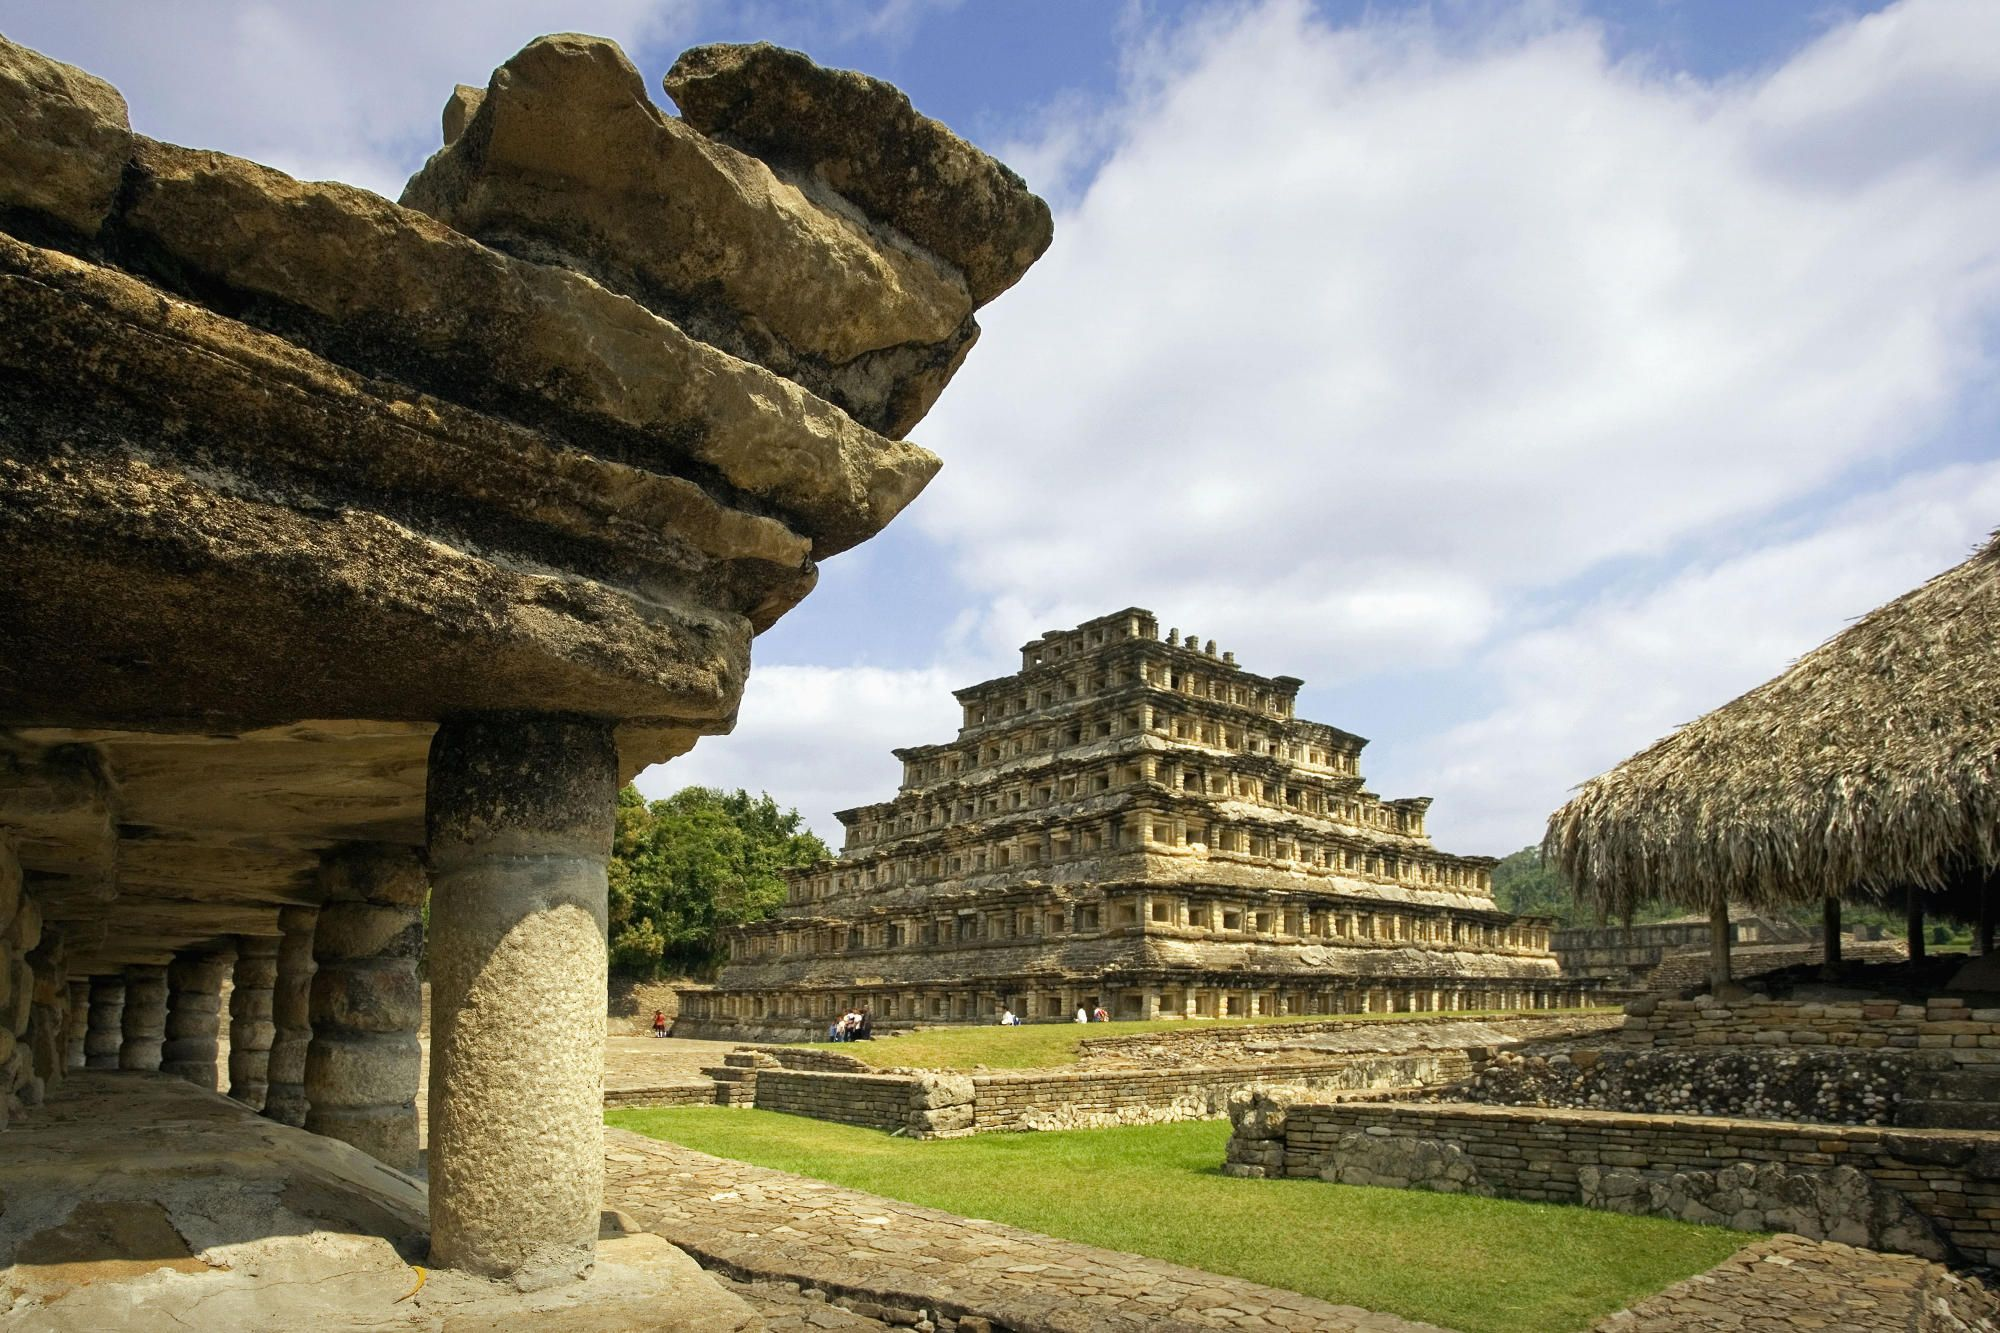 El Tajín, Veracruz, Mexico